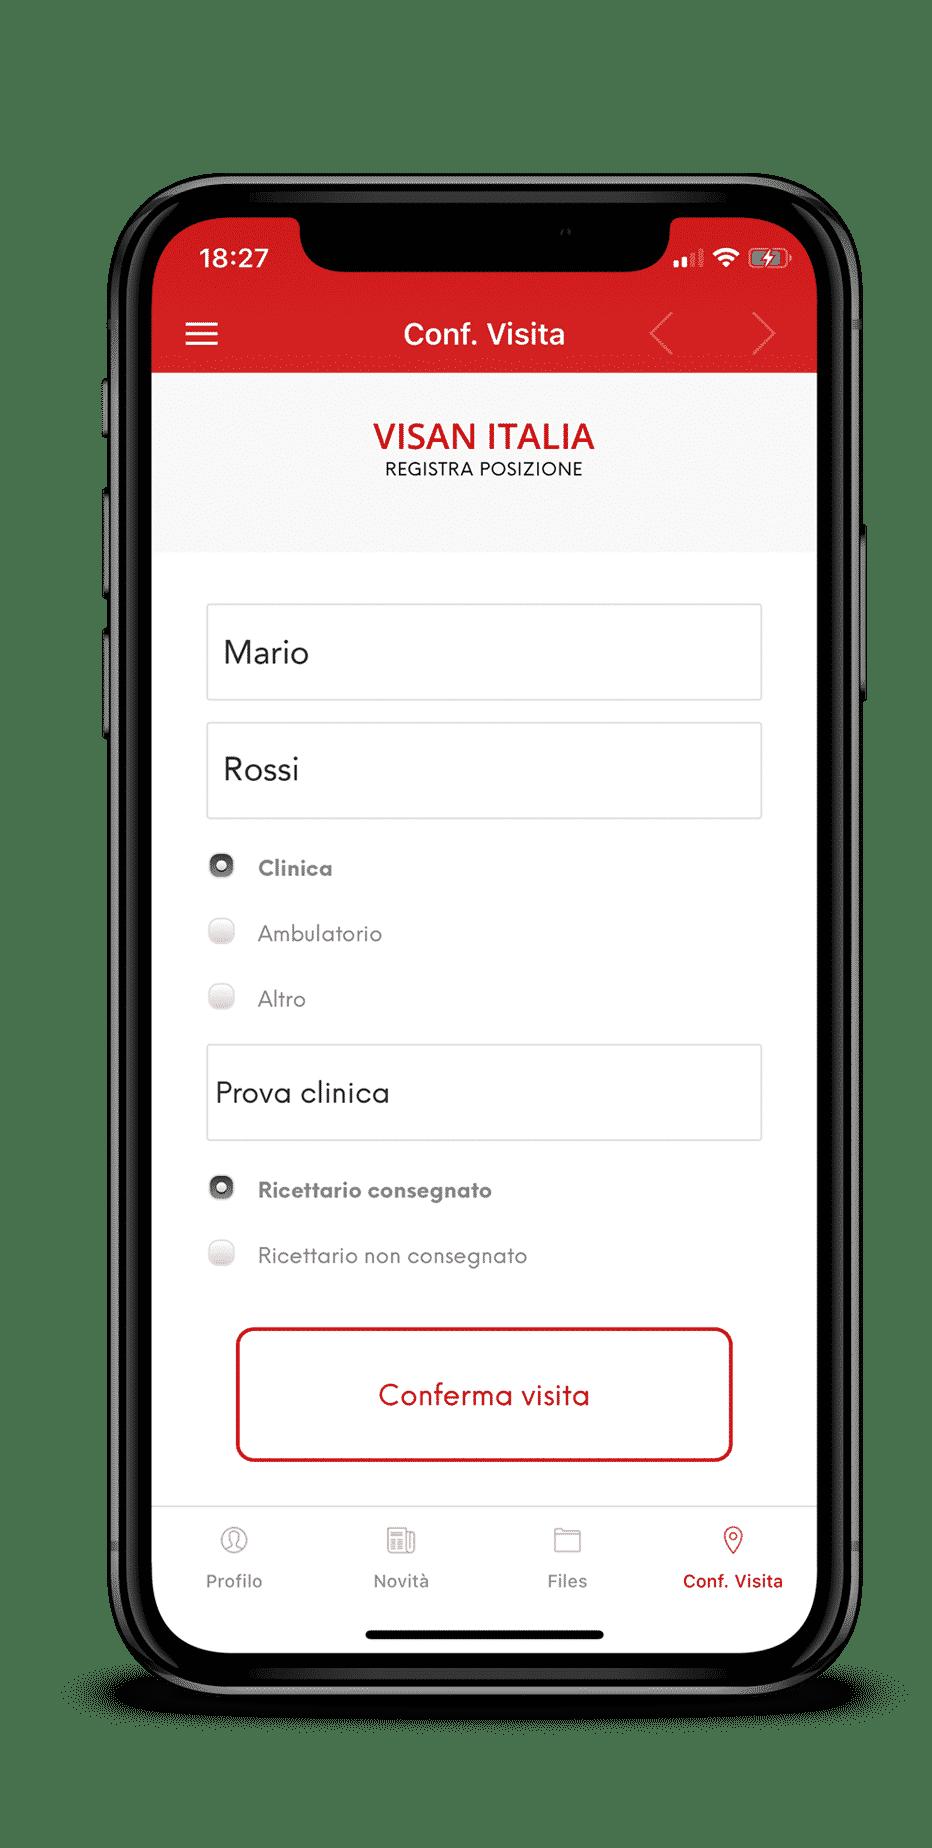 Compila tutti i campi, alla fine del modulo sarà possibile aggiungere anche delle note personalizzate.